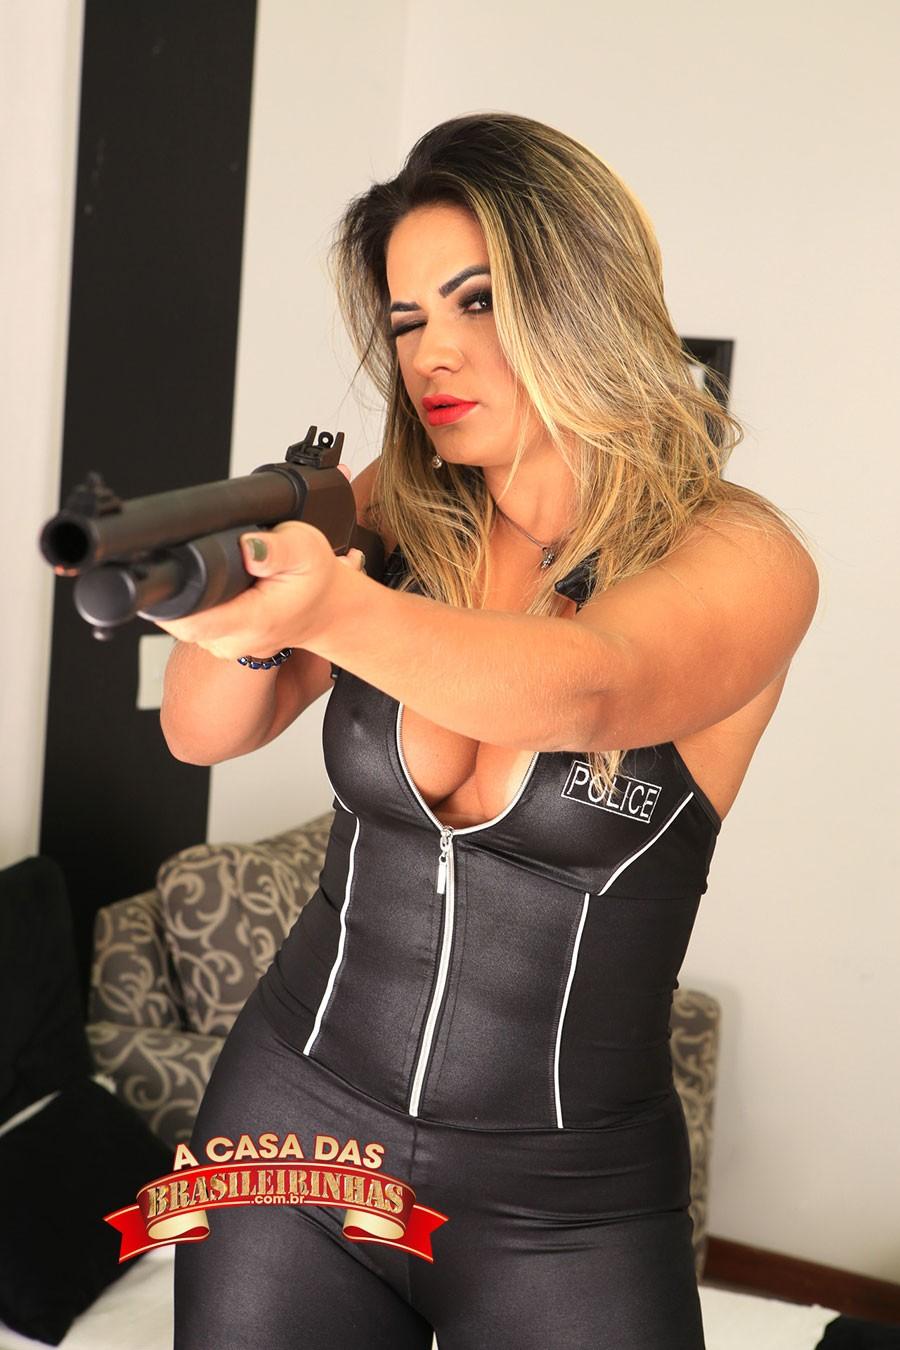 Luna-Oliveira-apontando-a-arma.jpg